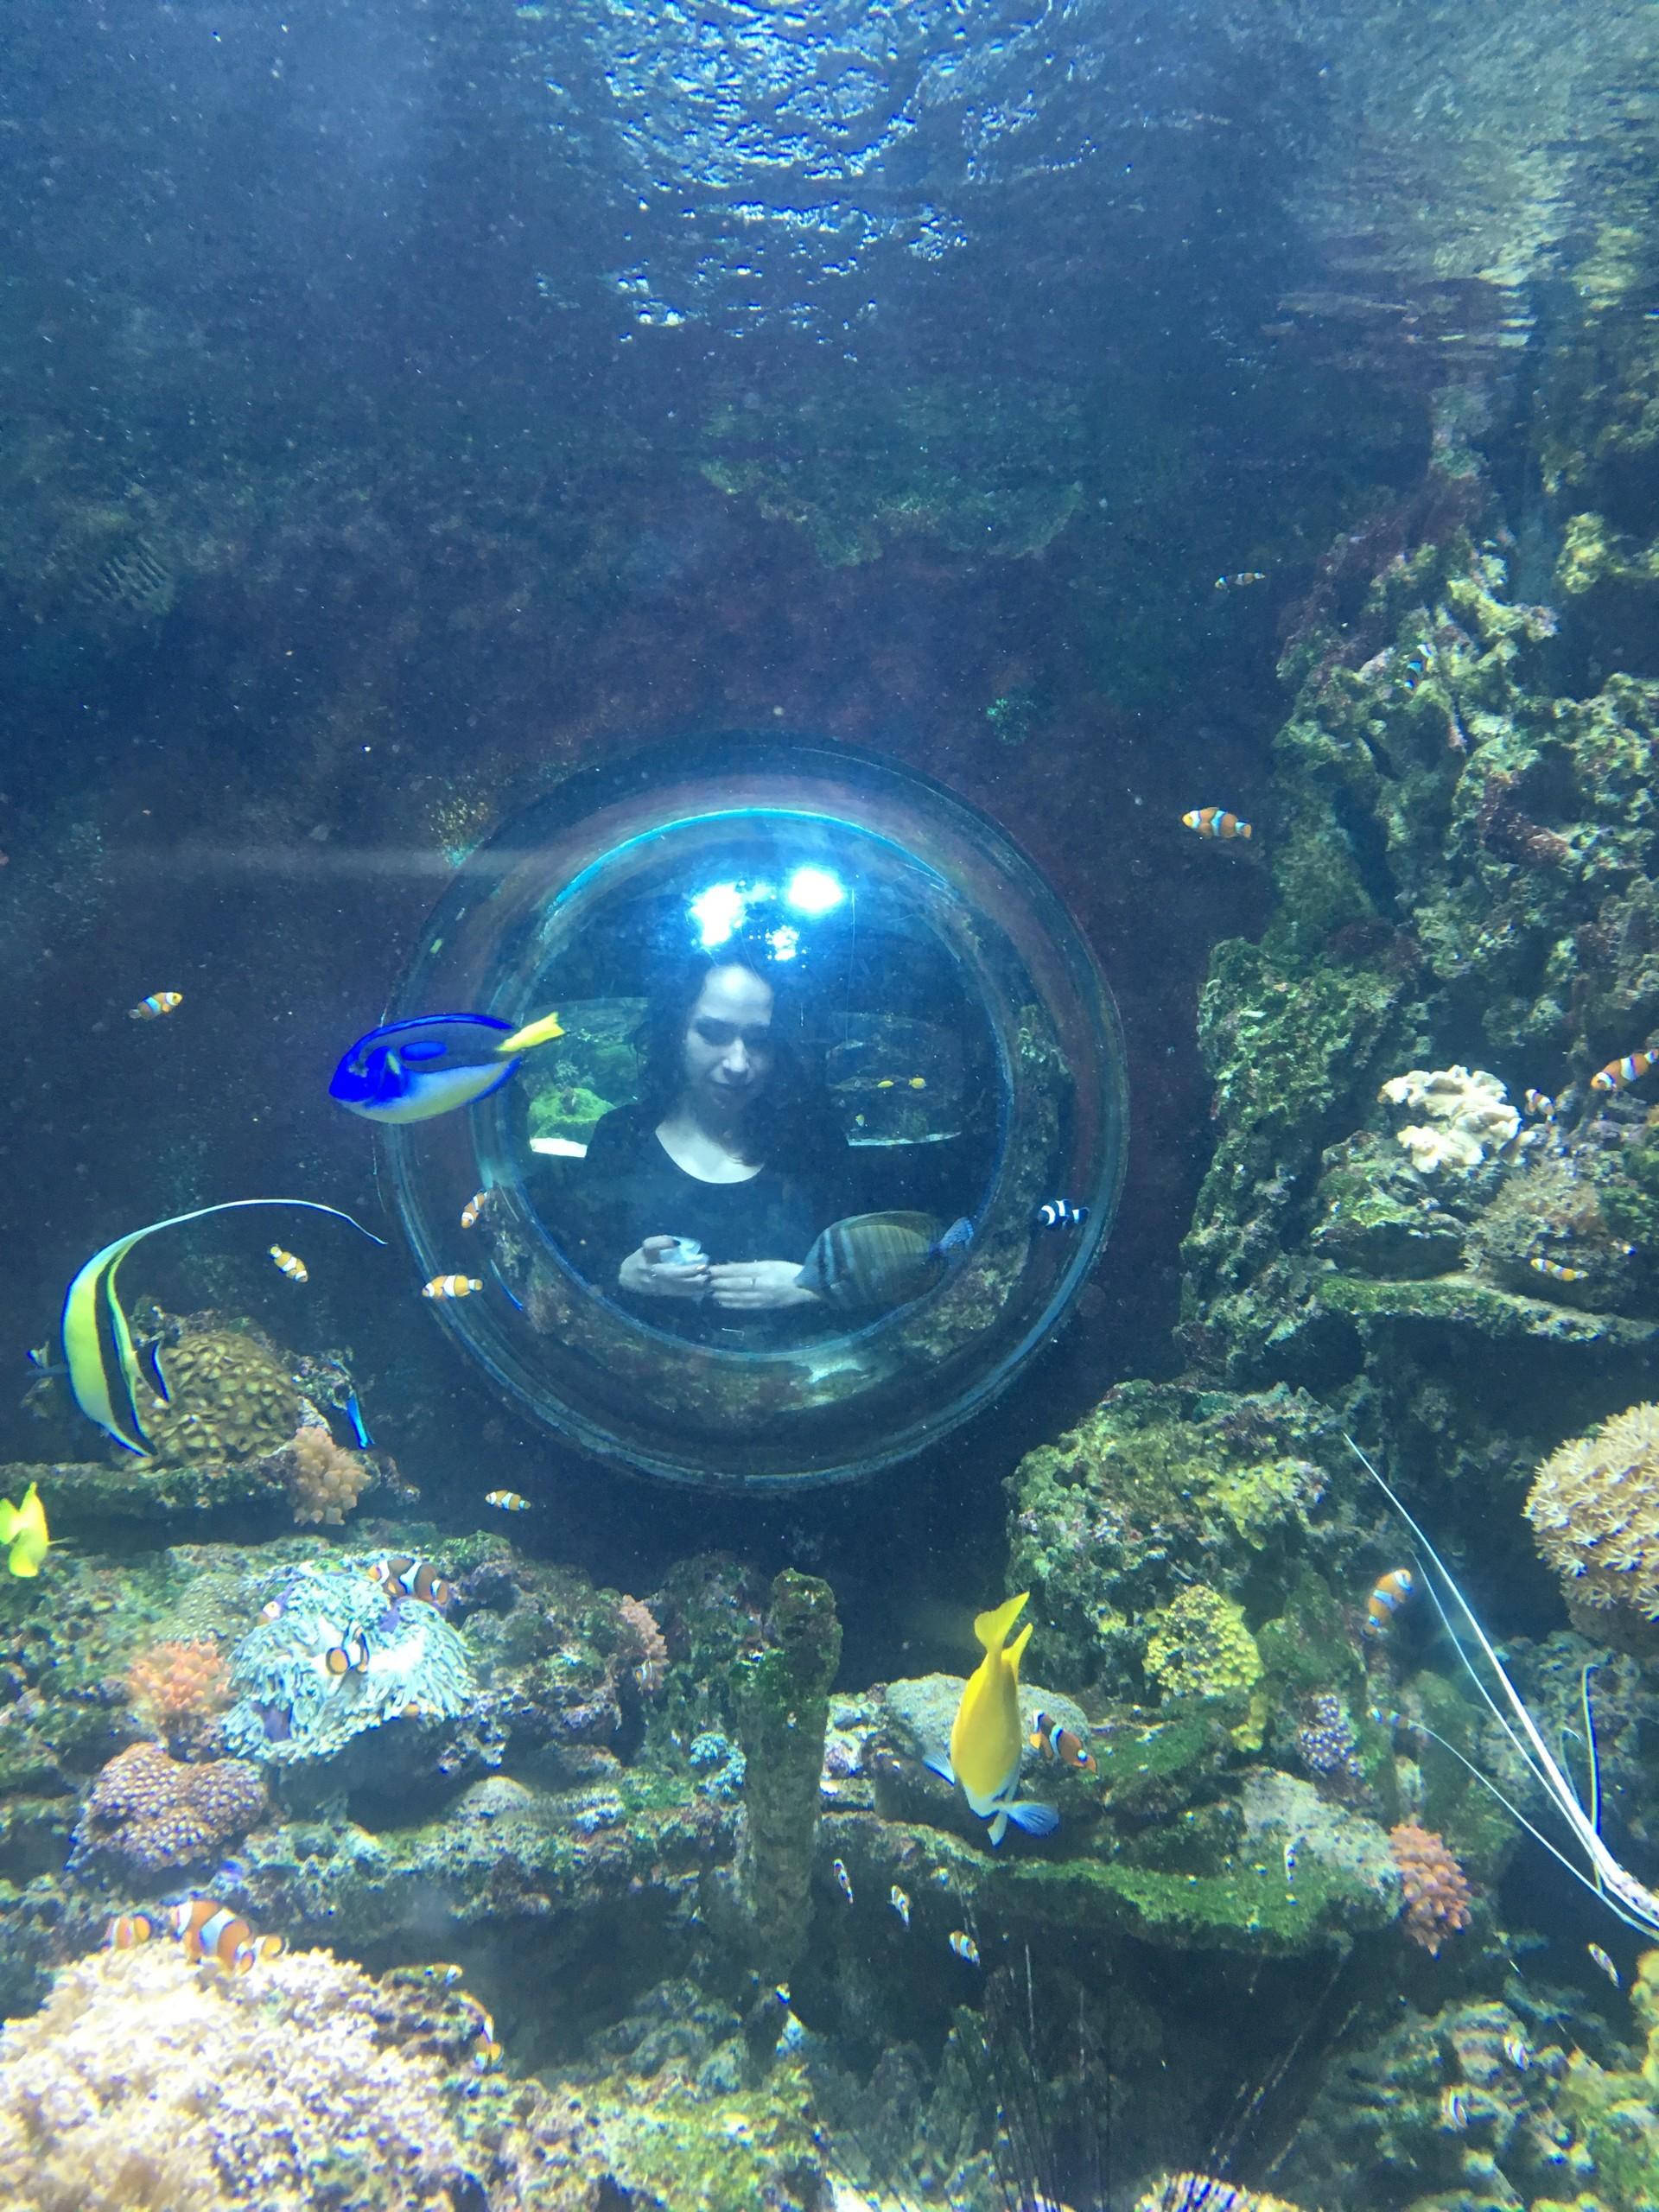 Rekiny, płaszczki i inne rybki - Tropicarium w Budapeszcie, czy warto?